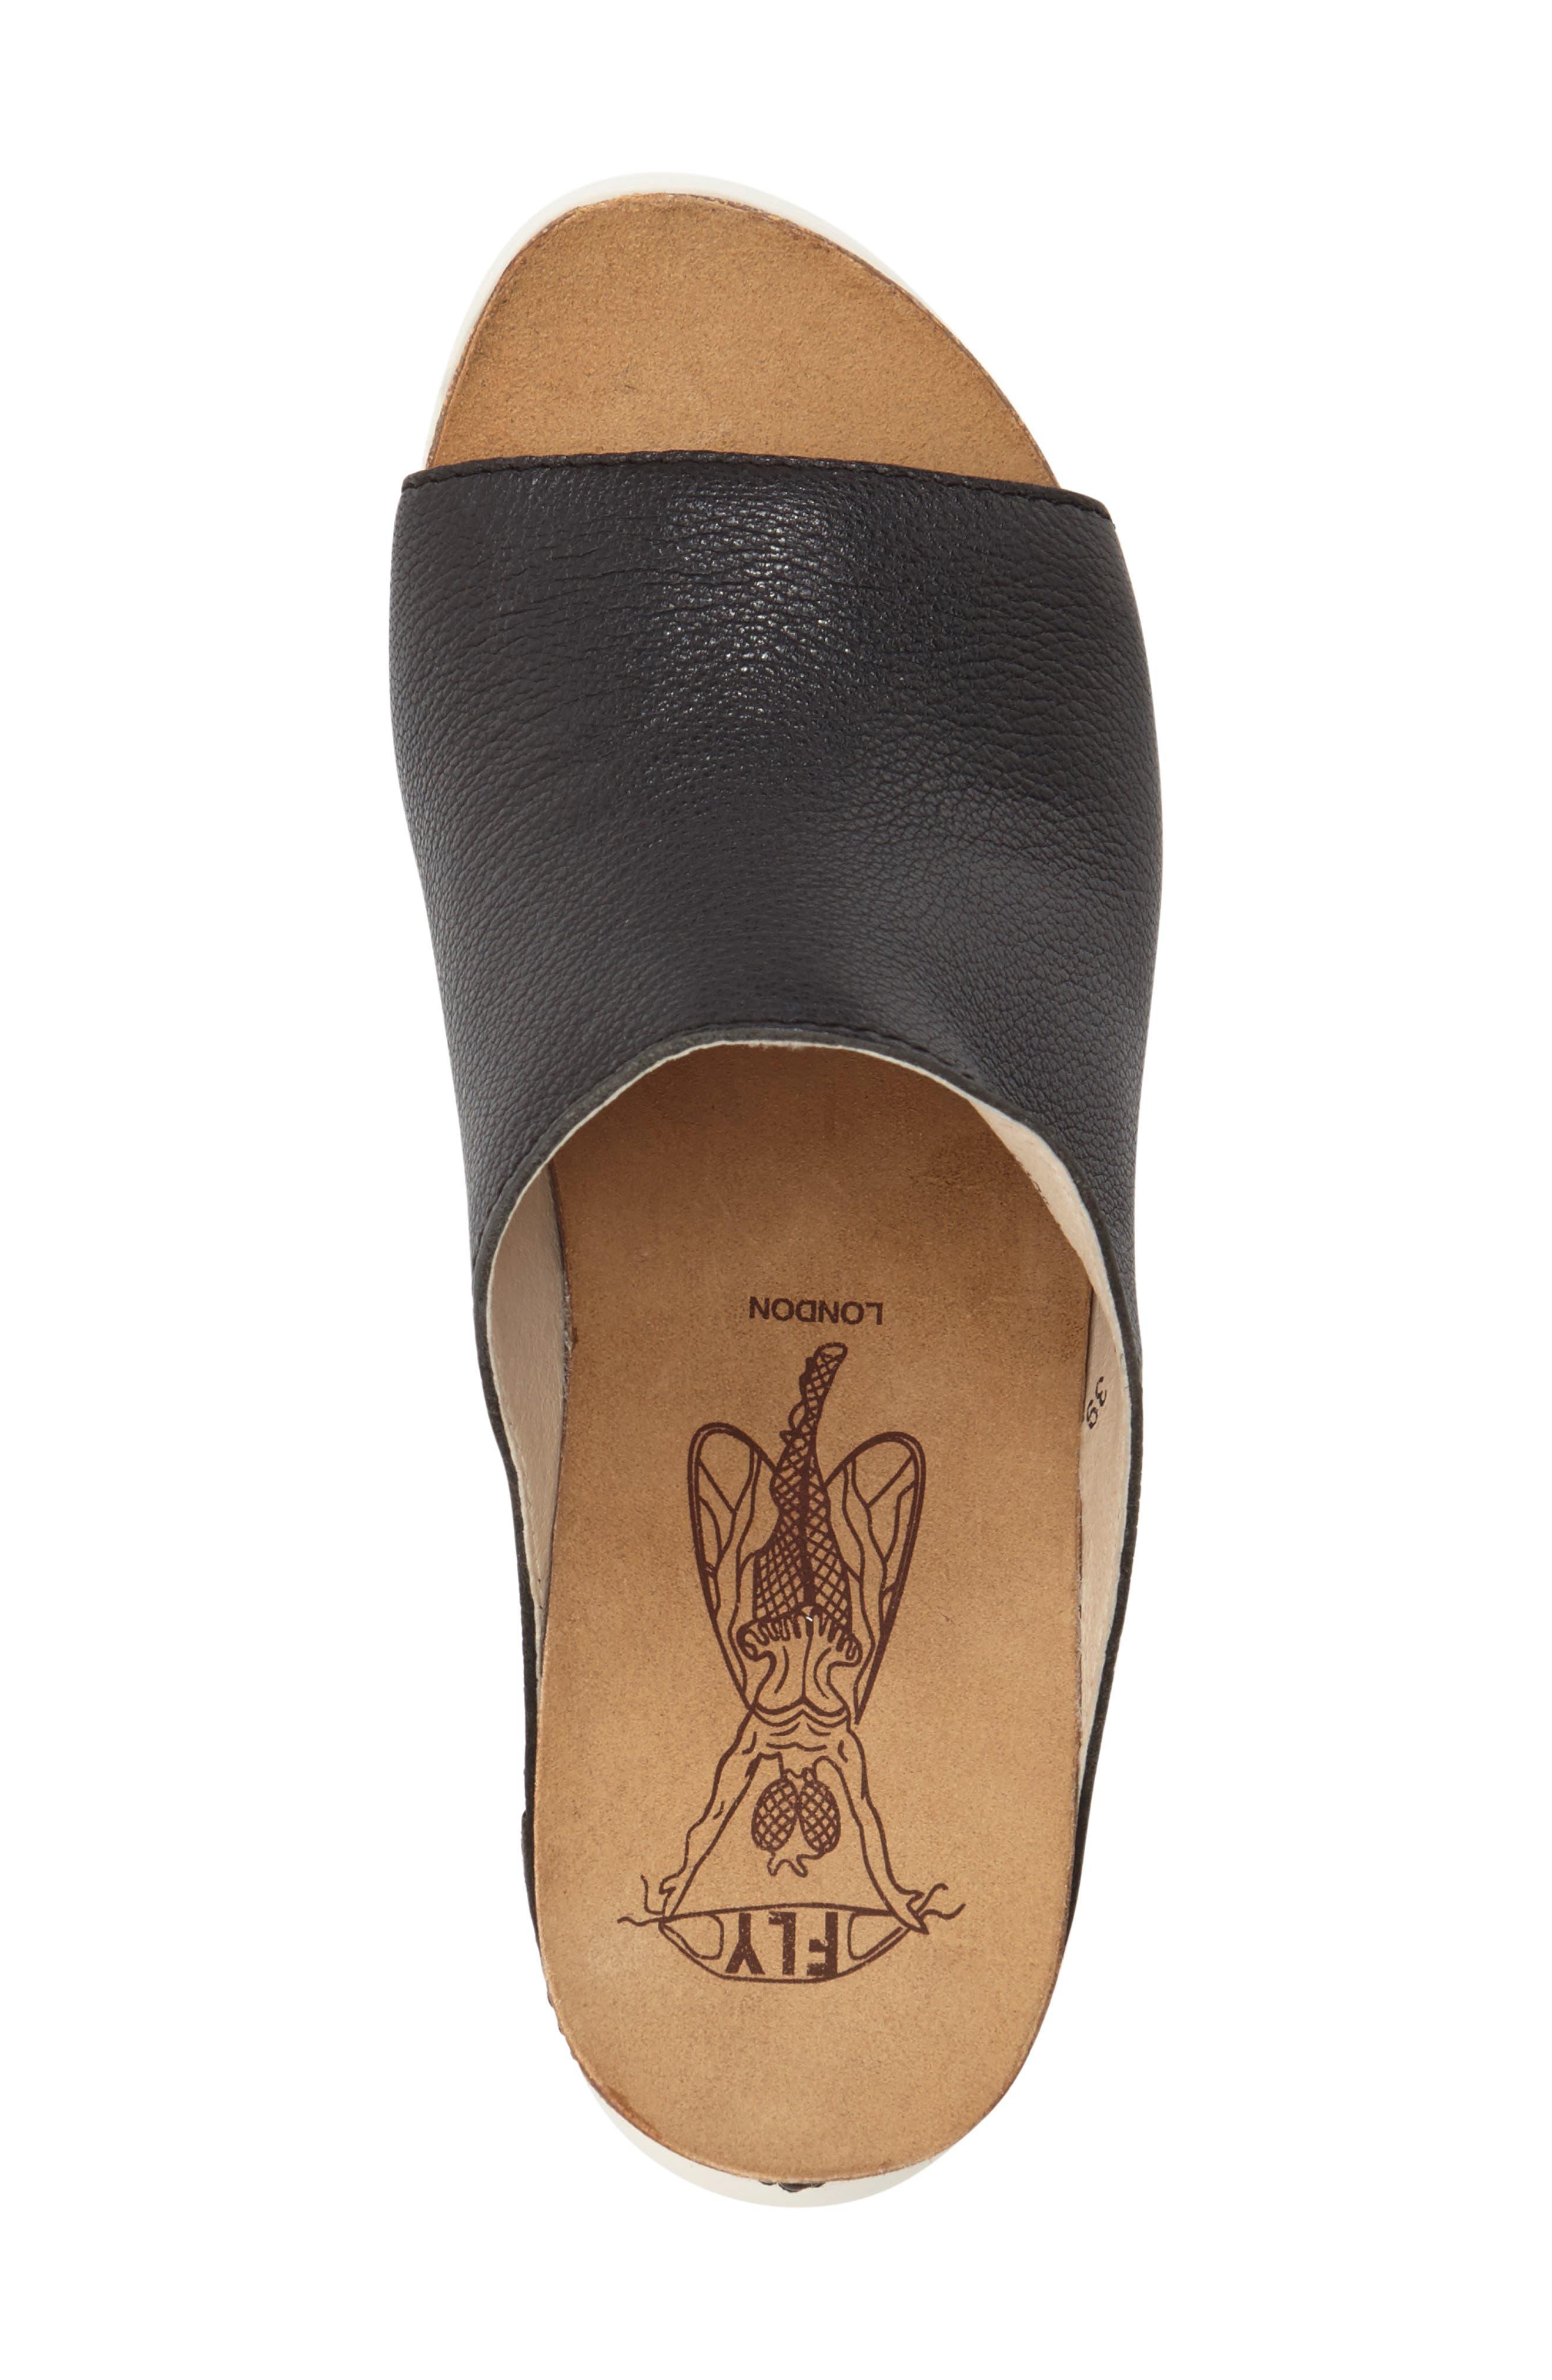 FLY LONDON, 'Wigg' Platform Wedge Slide Sandal, Alternate thumbnail 2, color, BLACK LEATHER